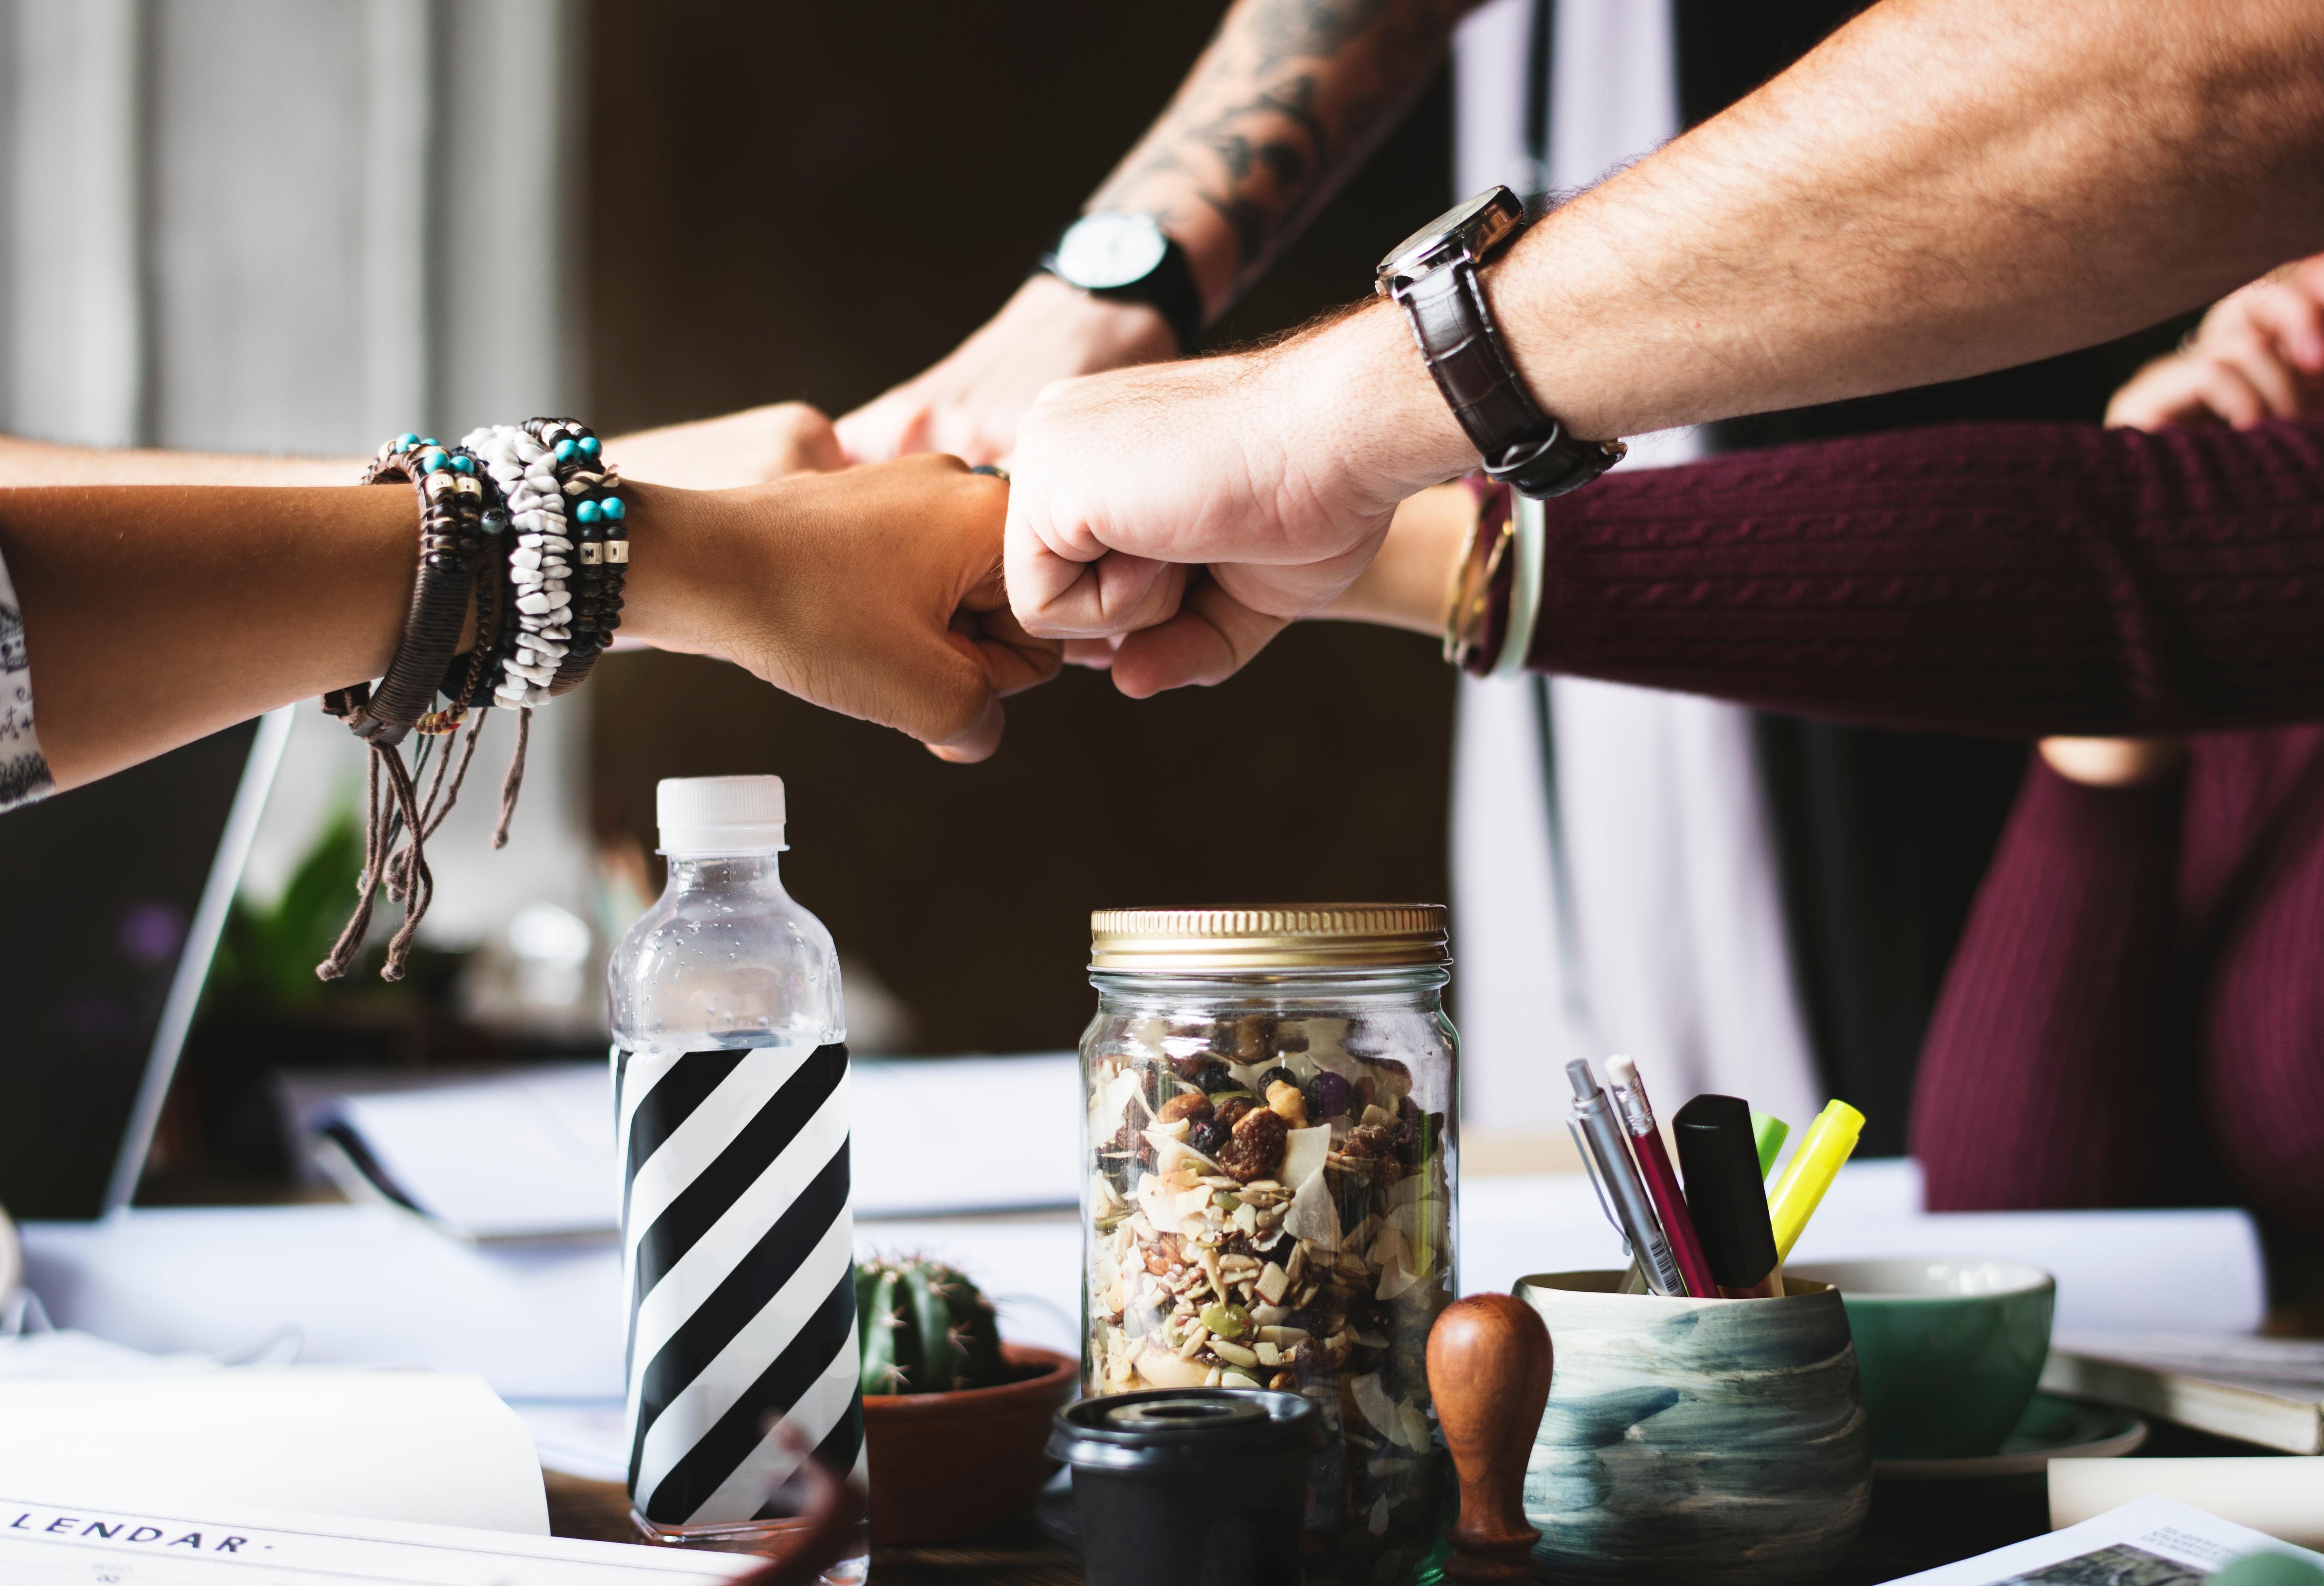 Interne Kommunikation hilft dabei große Mengen an Informationen möglichst effizient aufzunehmen und im Sinne des Unternehmens zu nutzen.